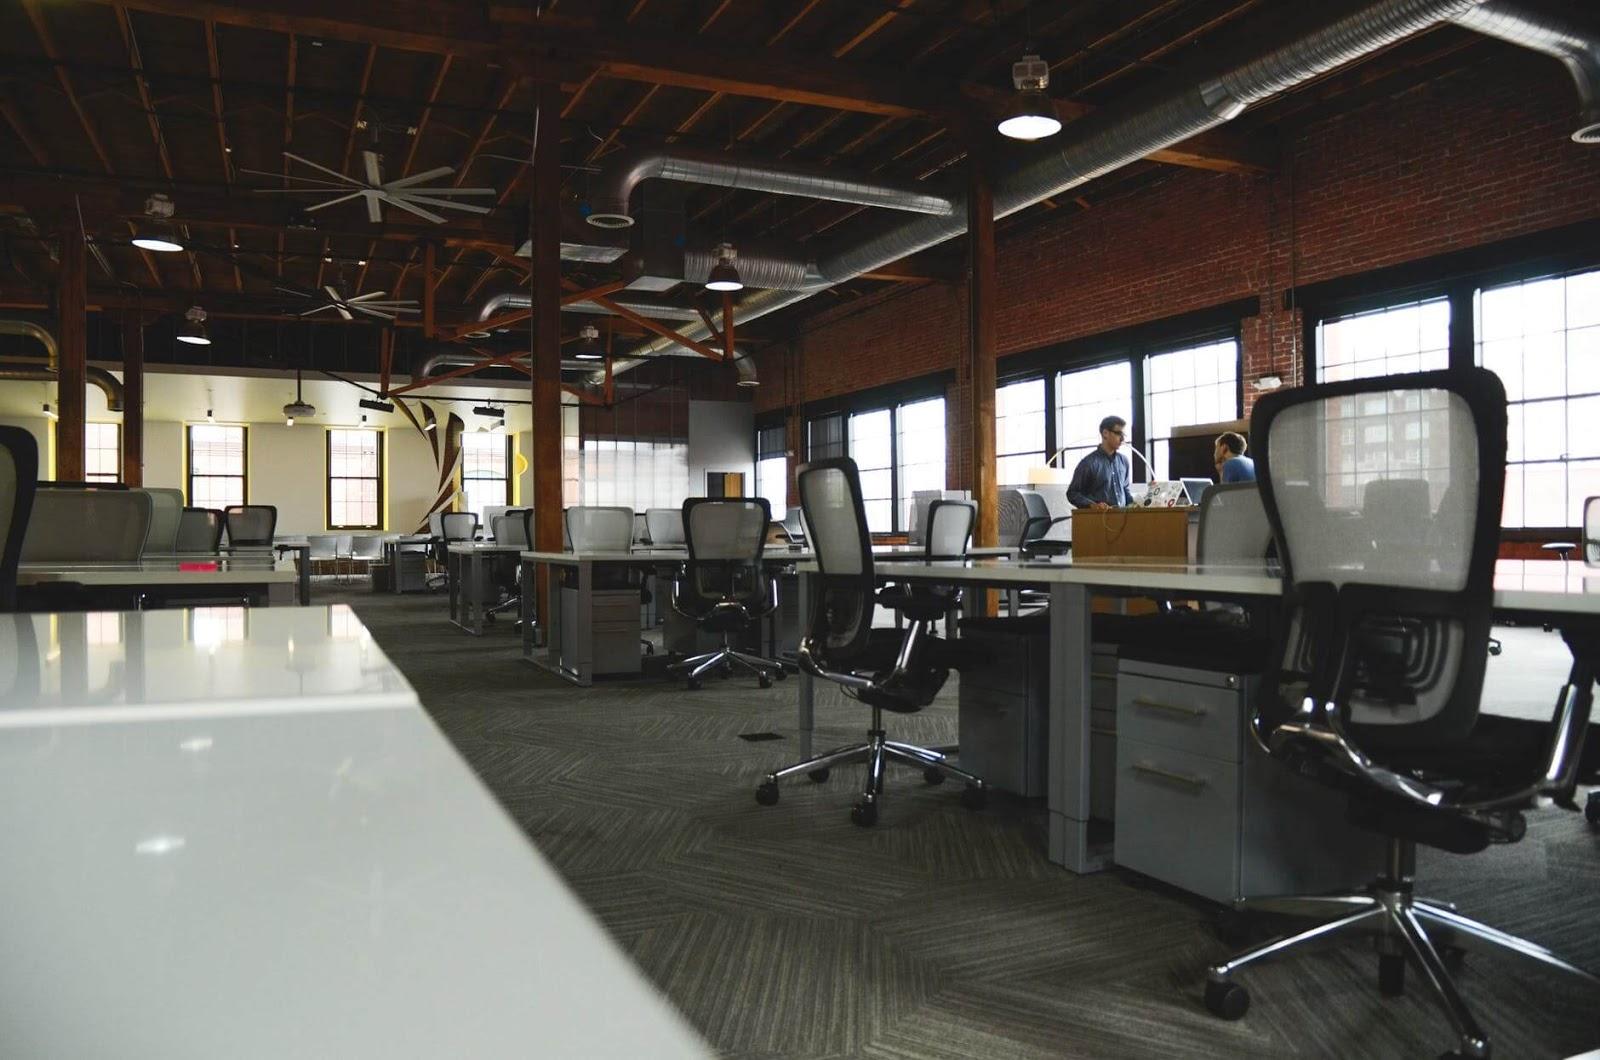 biuro typu open space wykorzystywane do coworkingu